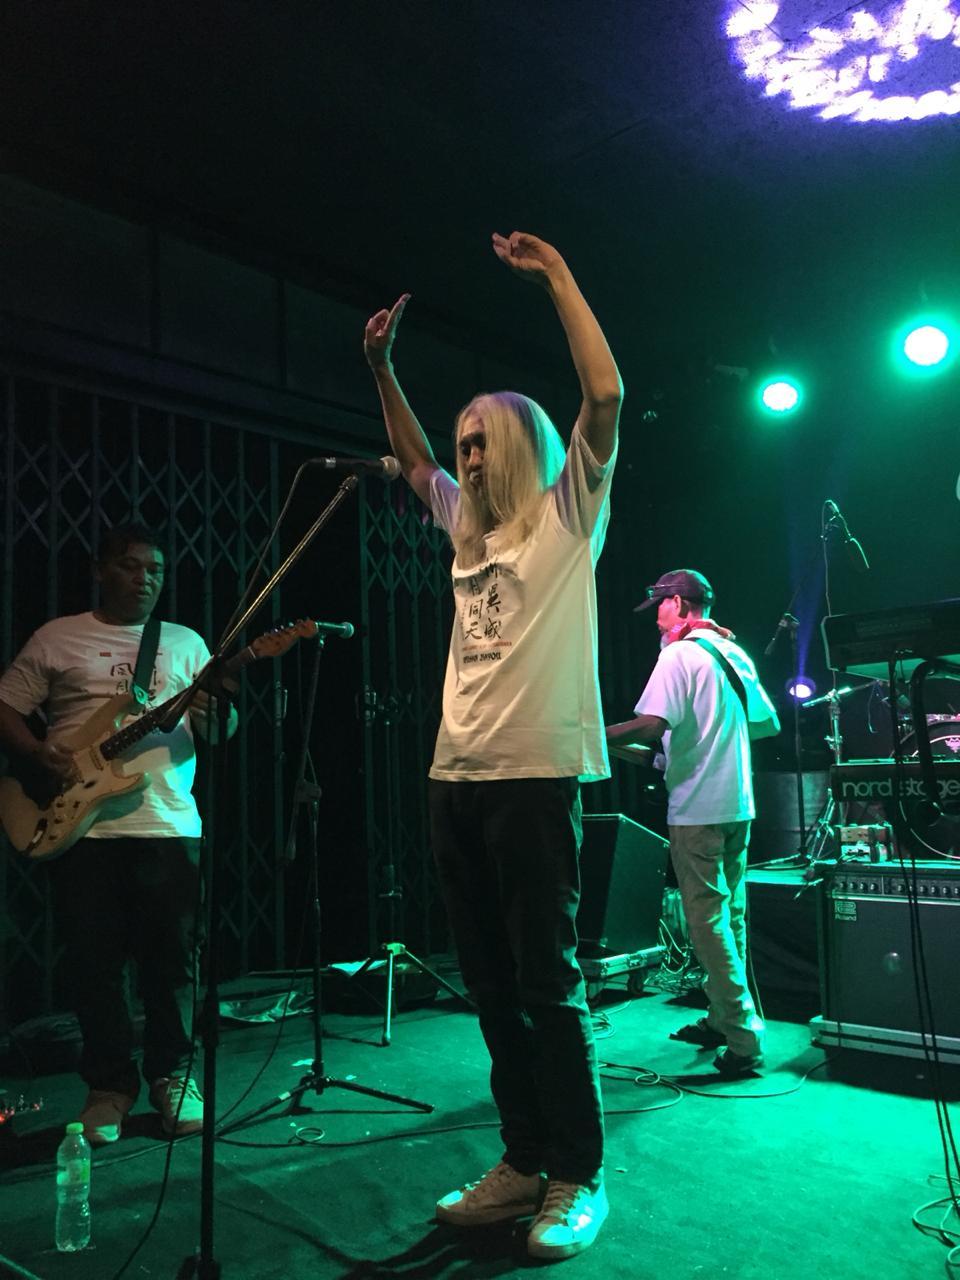 BALI Puisi Musik pentas di Antida SoundGarden, Jumat (6/3/2020) malam. Foto: istimewa